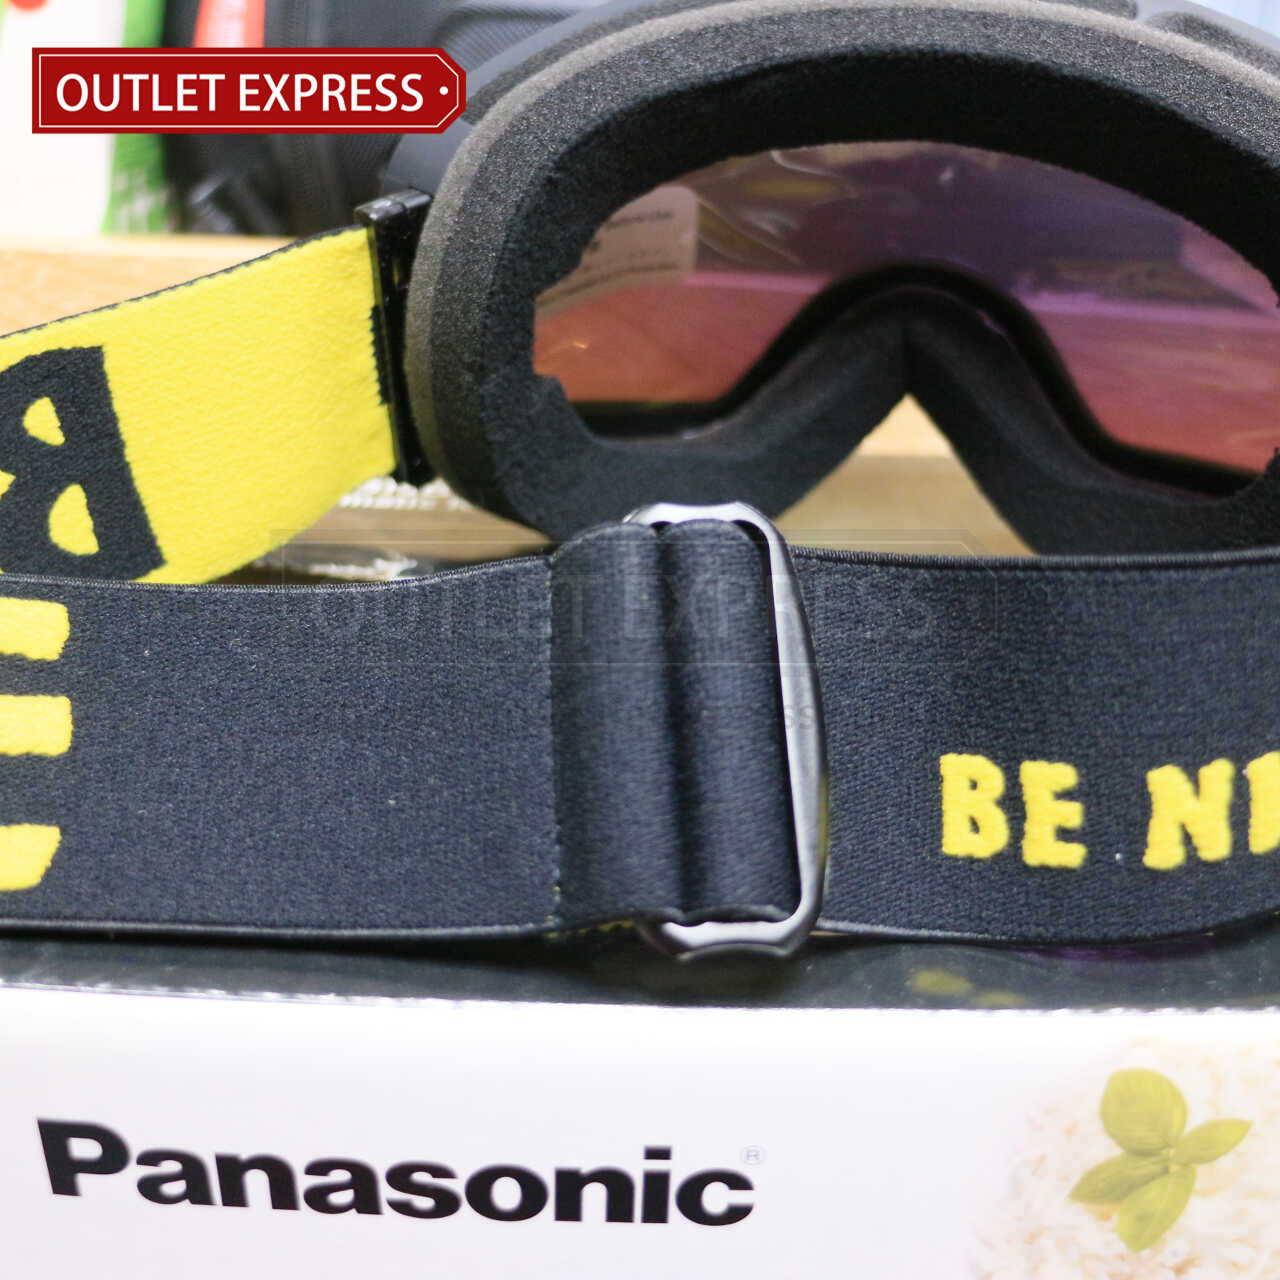 BENICE 大球面雙層防霧滑雪鏡 | 可配合眼鏡用 -Outlet Express HK生活百貨城實拍相片